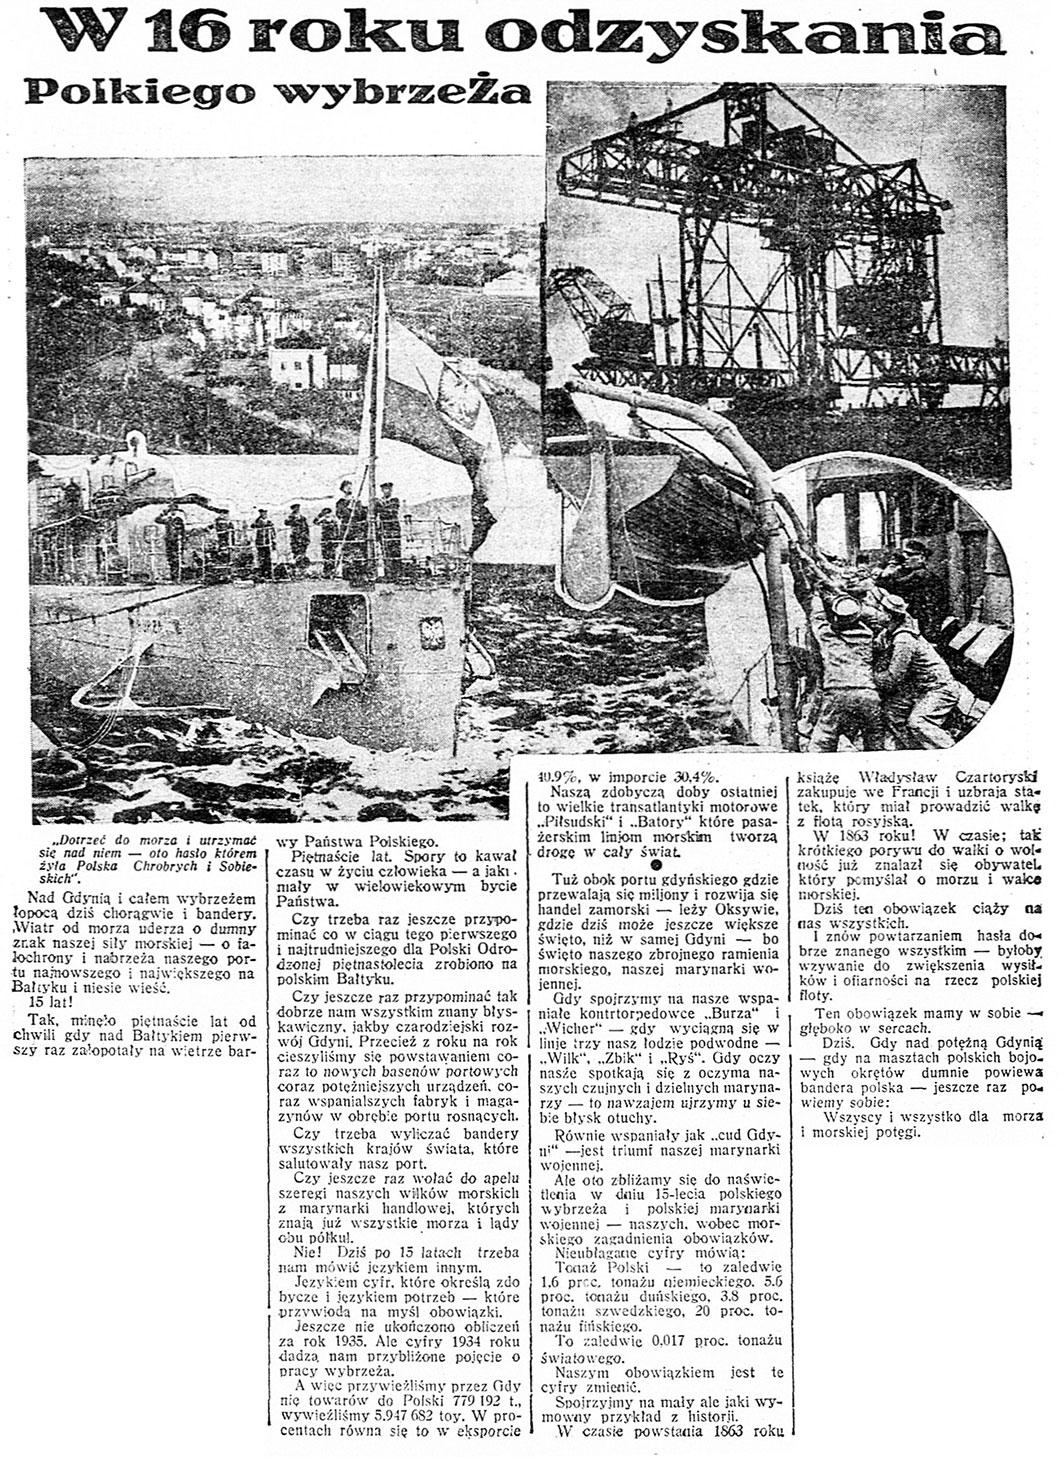 W 16 roku odzyskania Polskiego wybrzeża // Dzień Dobry. - 1936, nr 40, s. 2